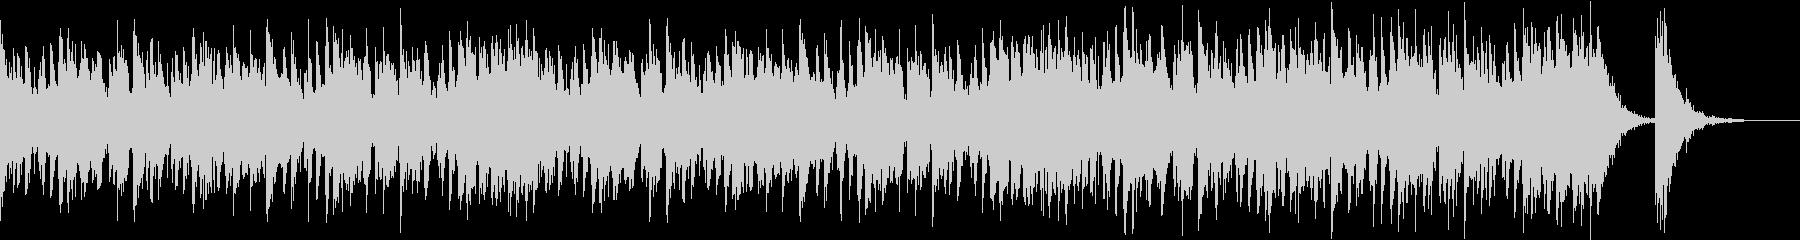 アップテンポで渋く激しい和太鼓+三味線の未再生の波形